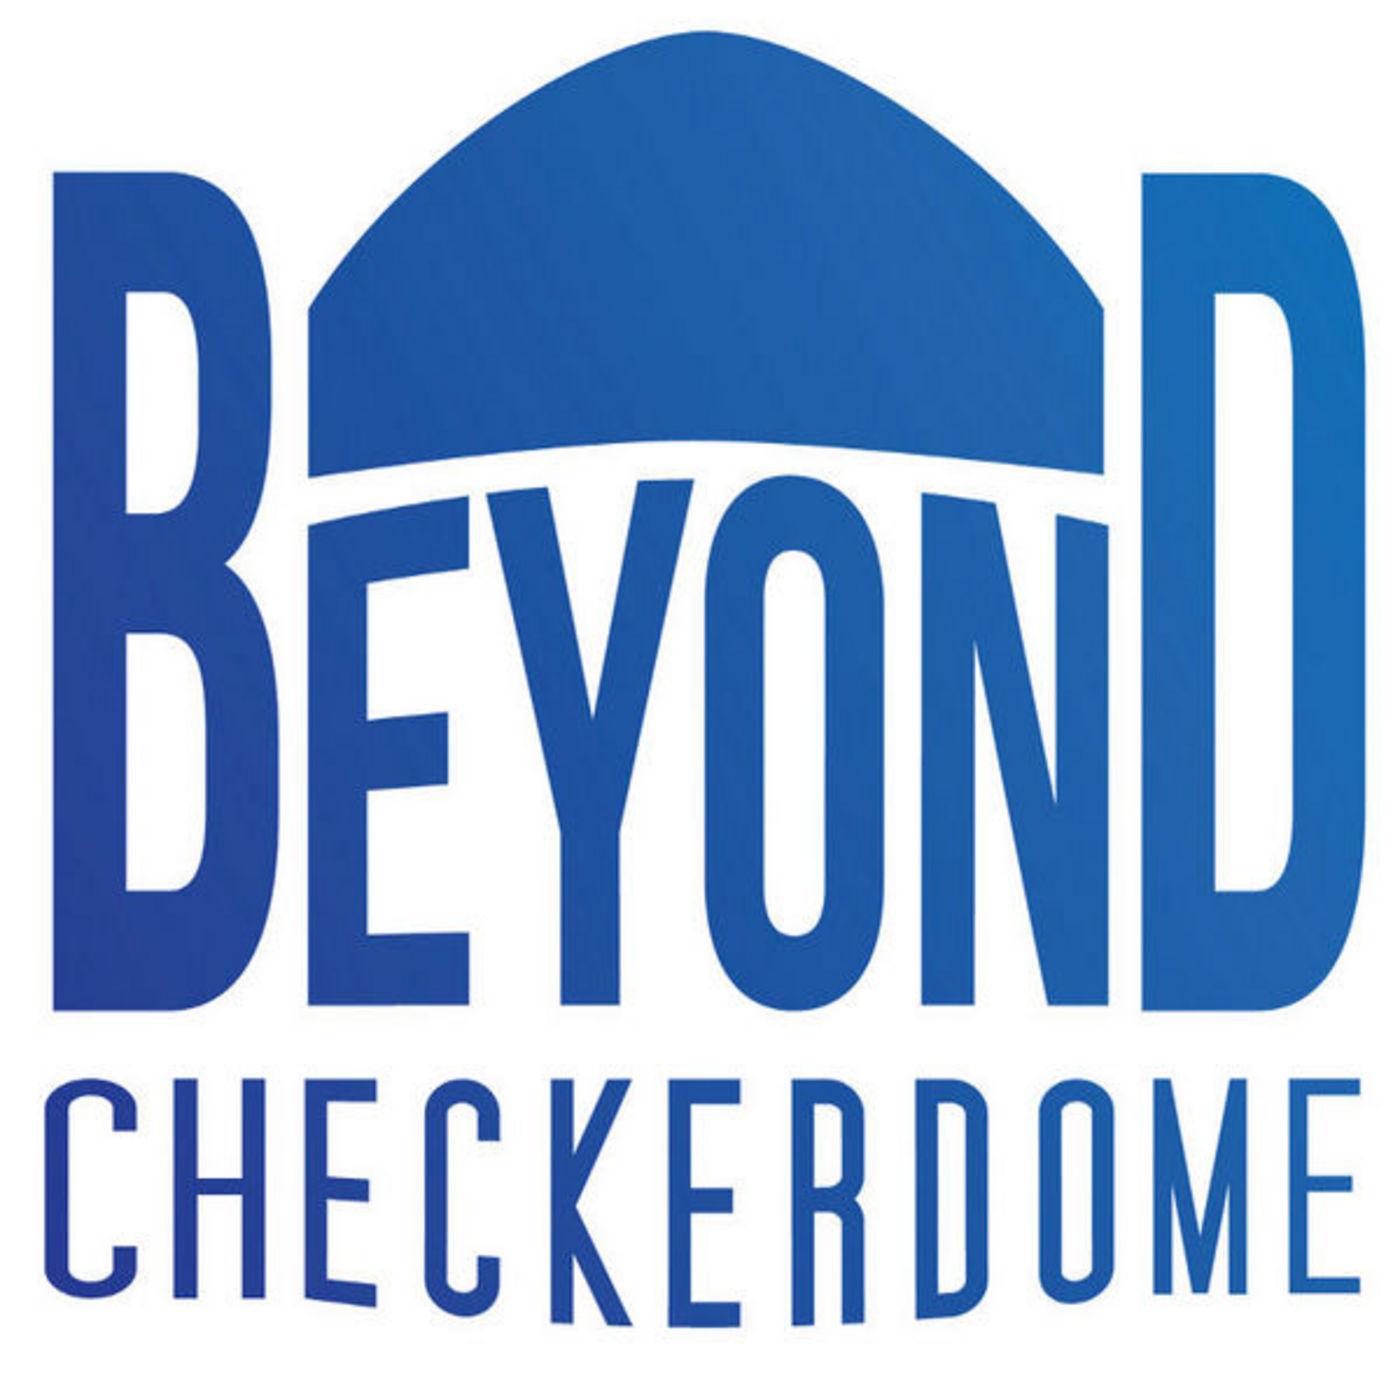 <![CDATA[Beyond Checkerdome]]>